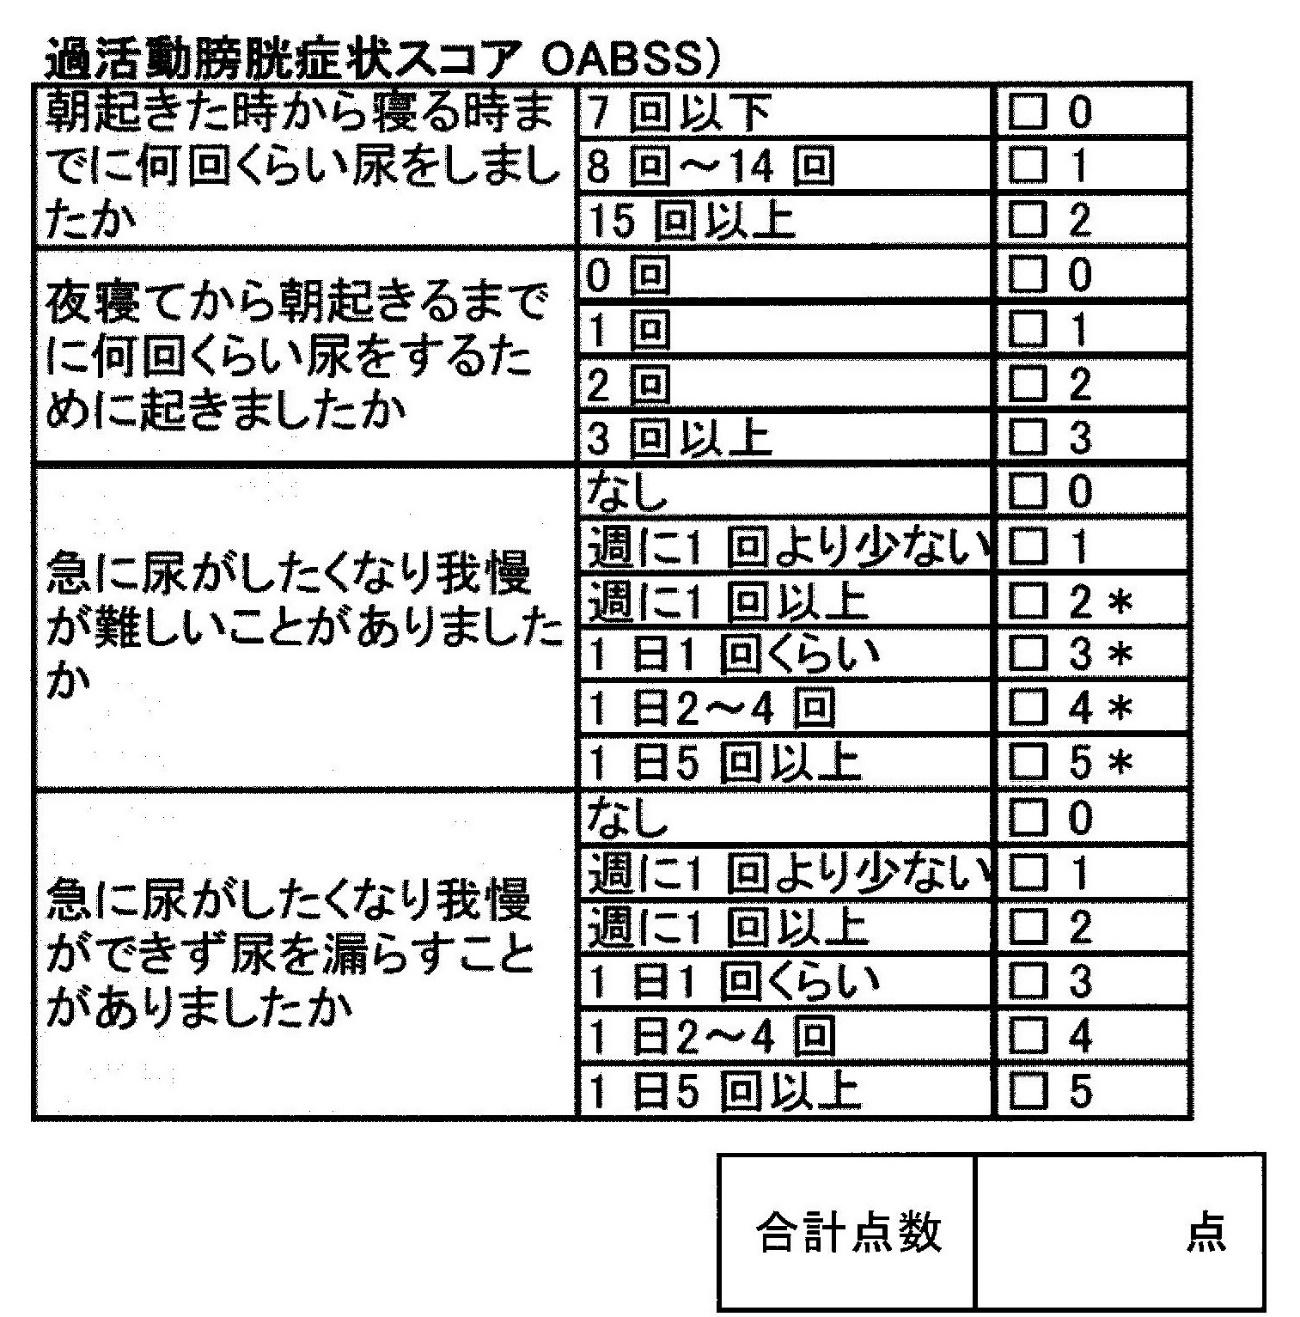 ~OABSS(過活動膀胱症状質問票)~